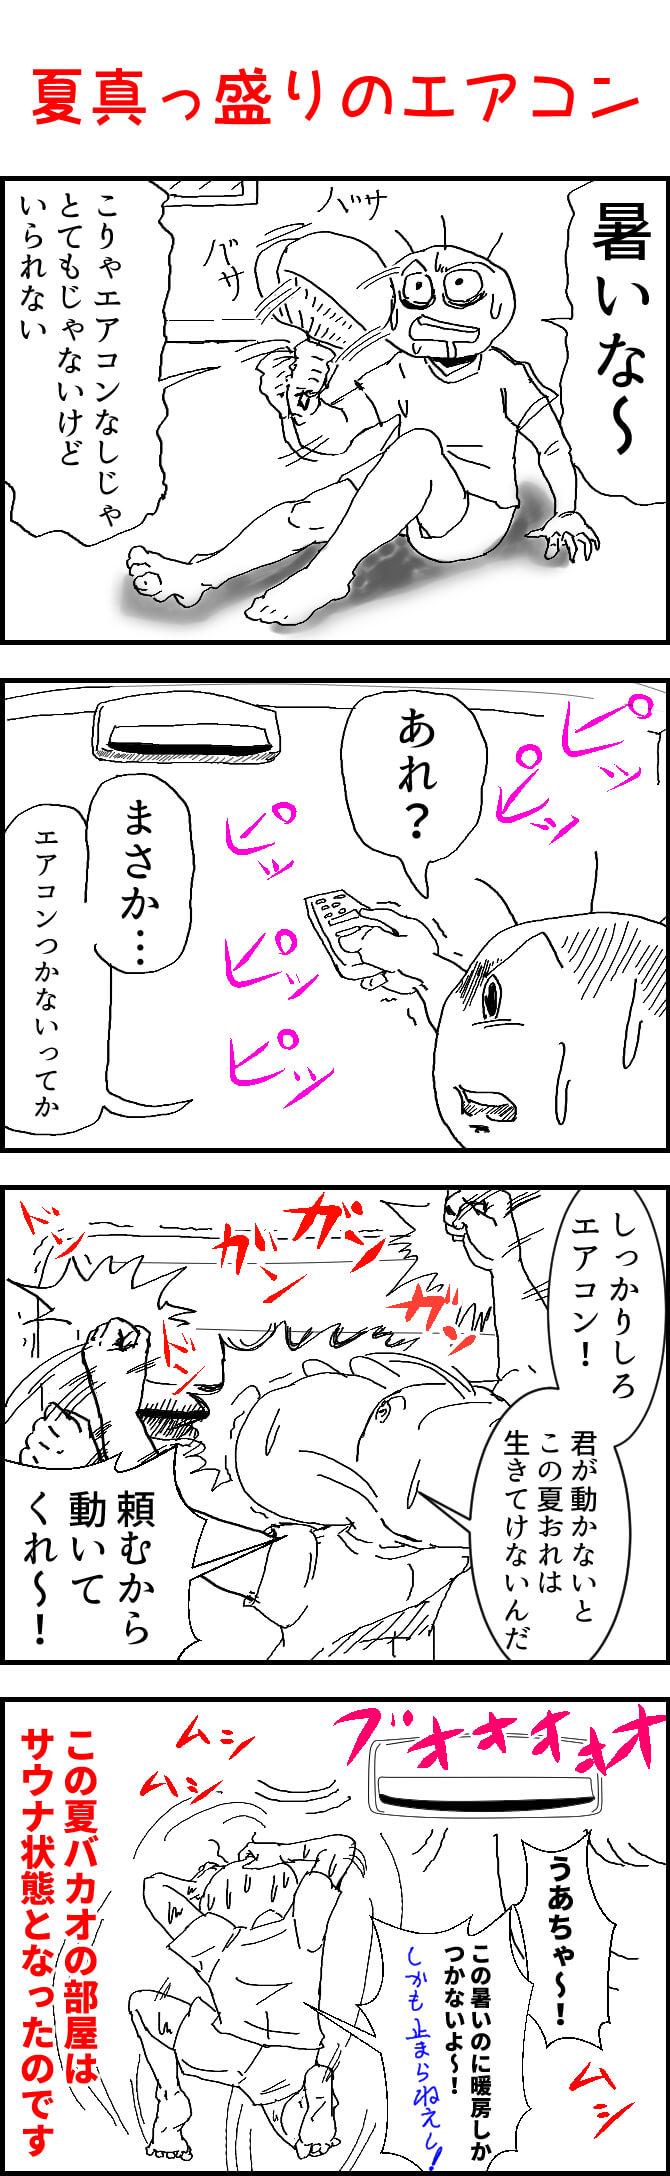 バカオくん,四コマ漫画,エアコン